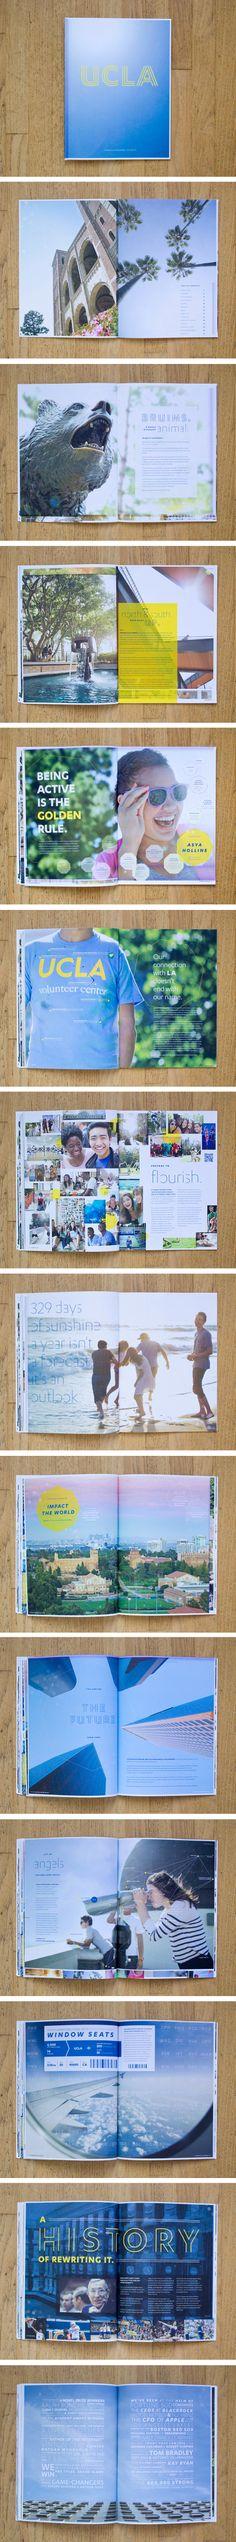 UCLA: undergraduate viewbook